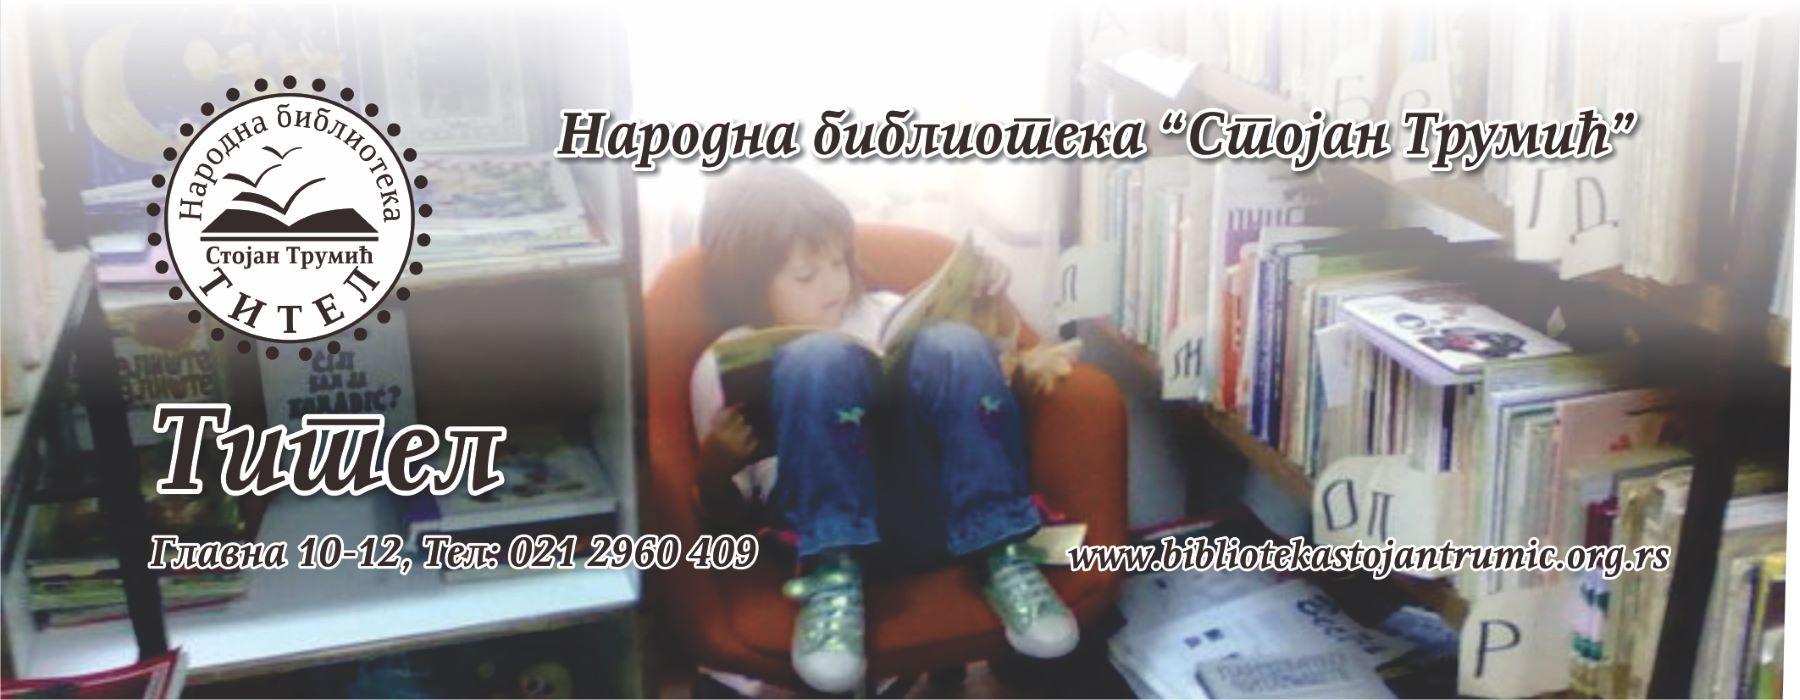 biblioteka titel naslovna